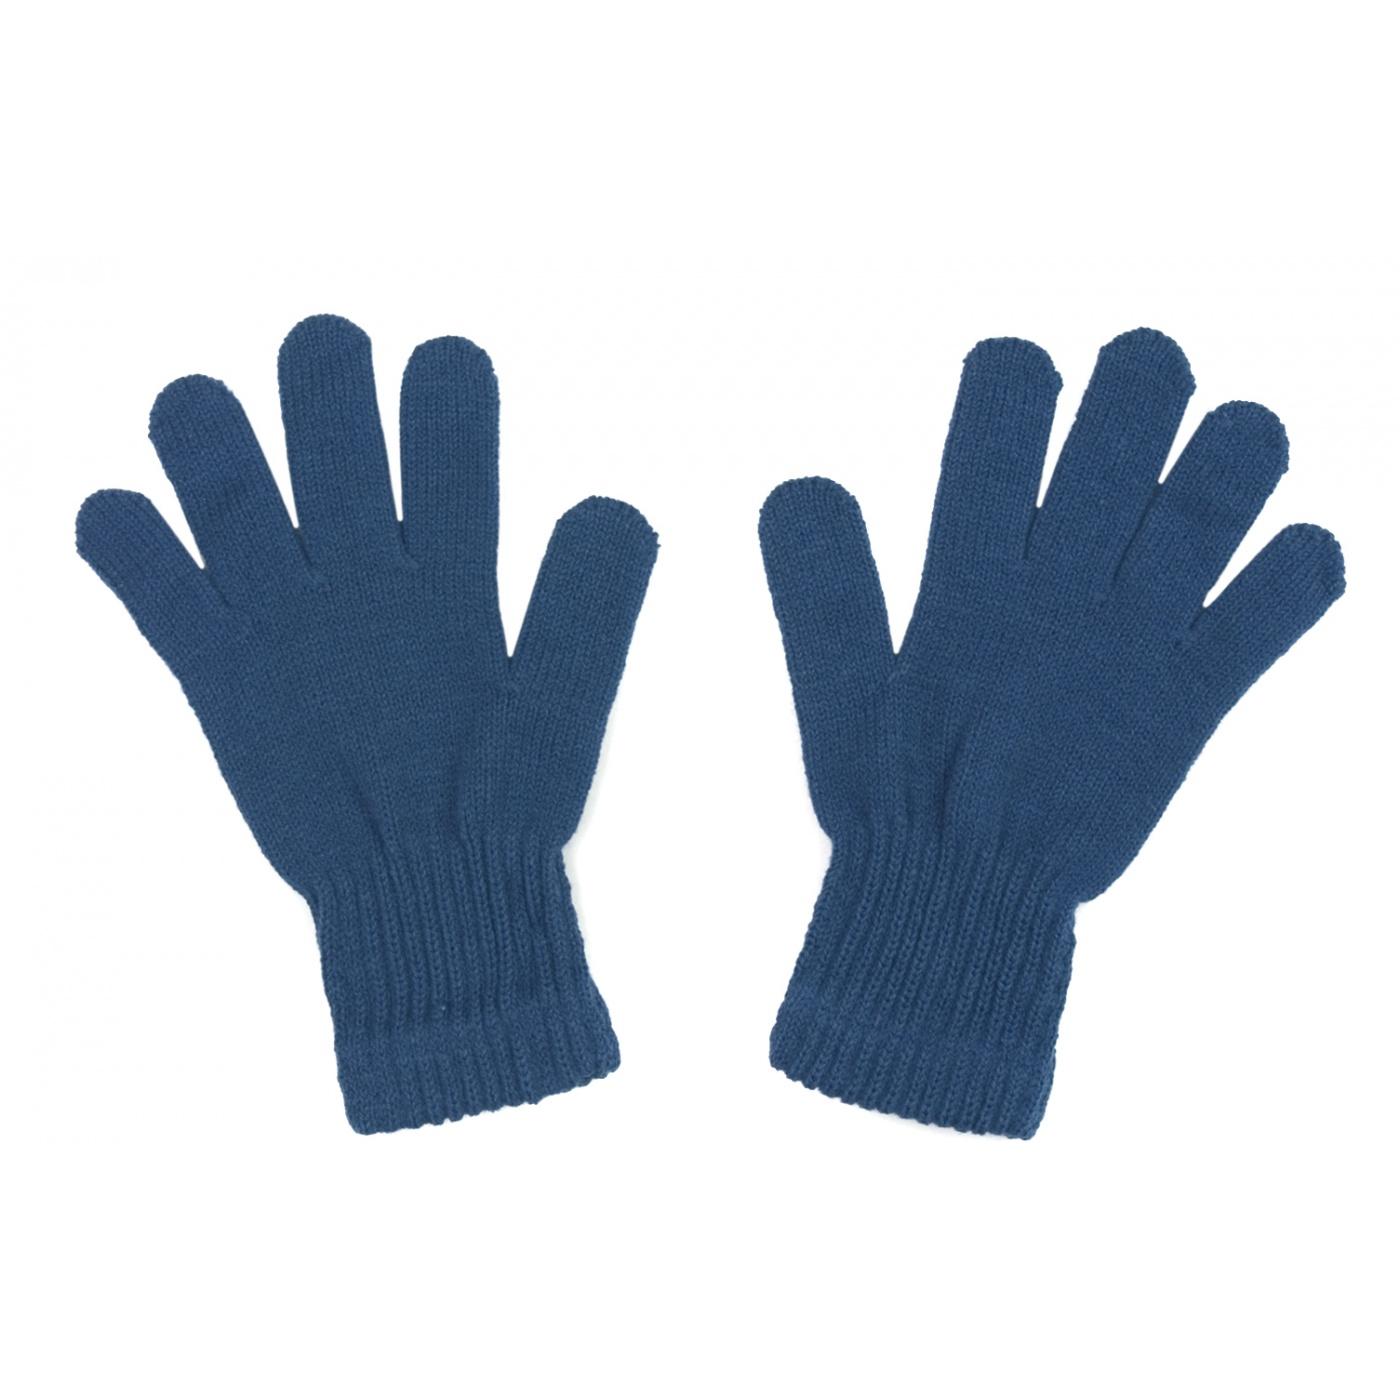 Damskie rękawiczki zimowe : jeansowe niebieskie